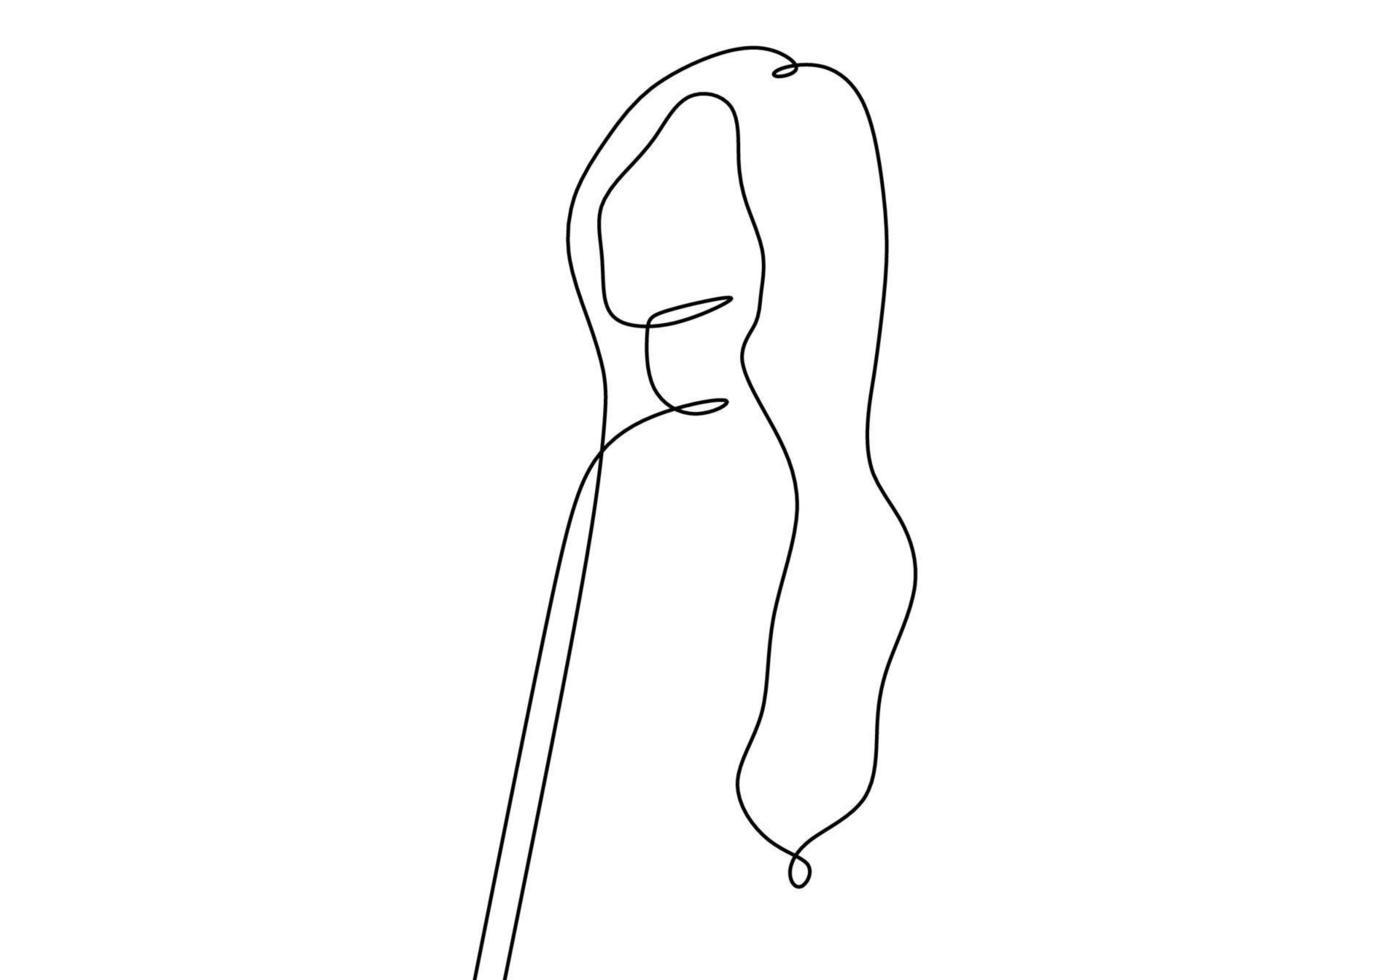 Une ligne continue de résumé de visage isolé sur fond blanc vecteur